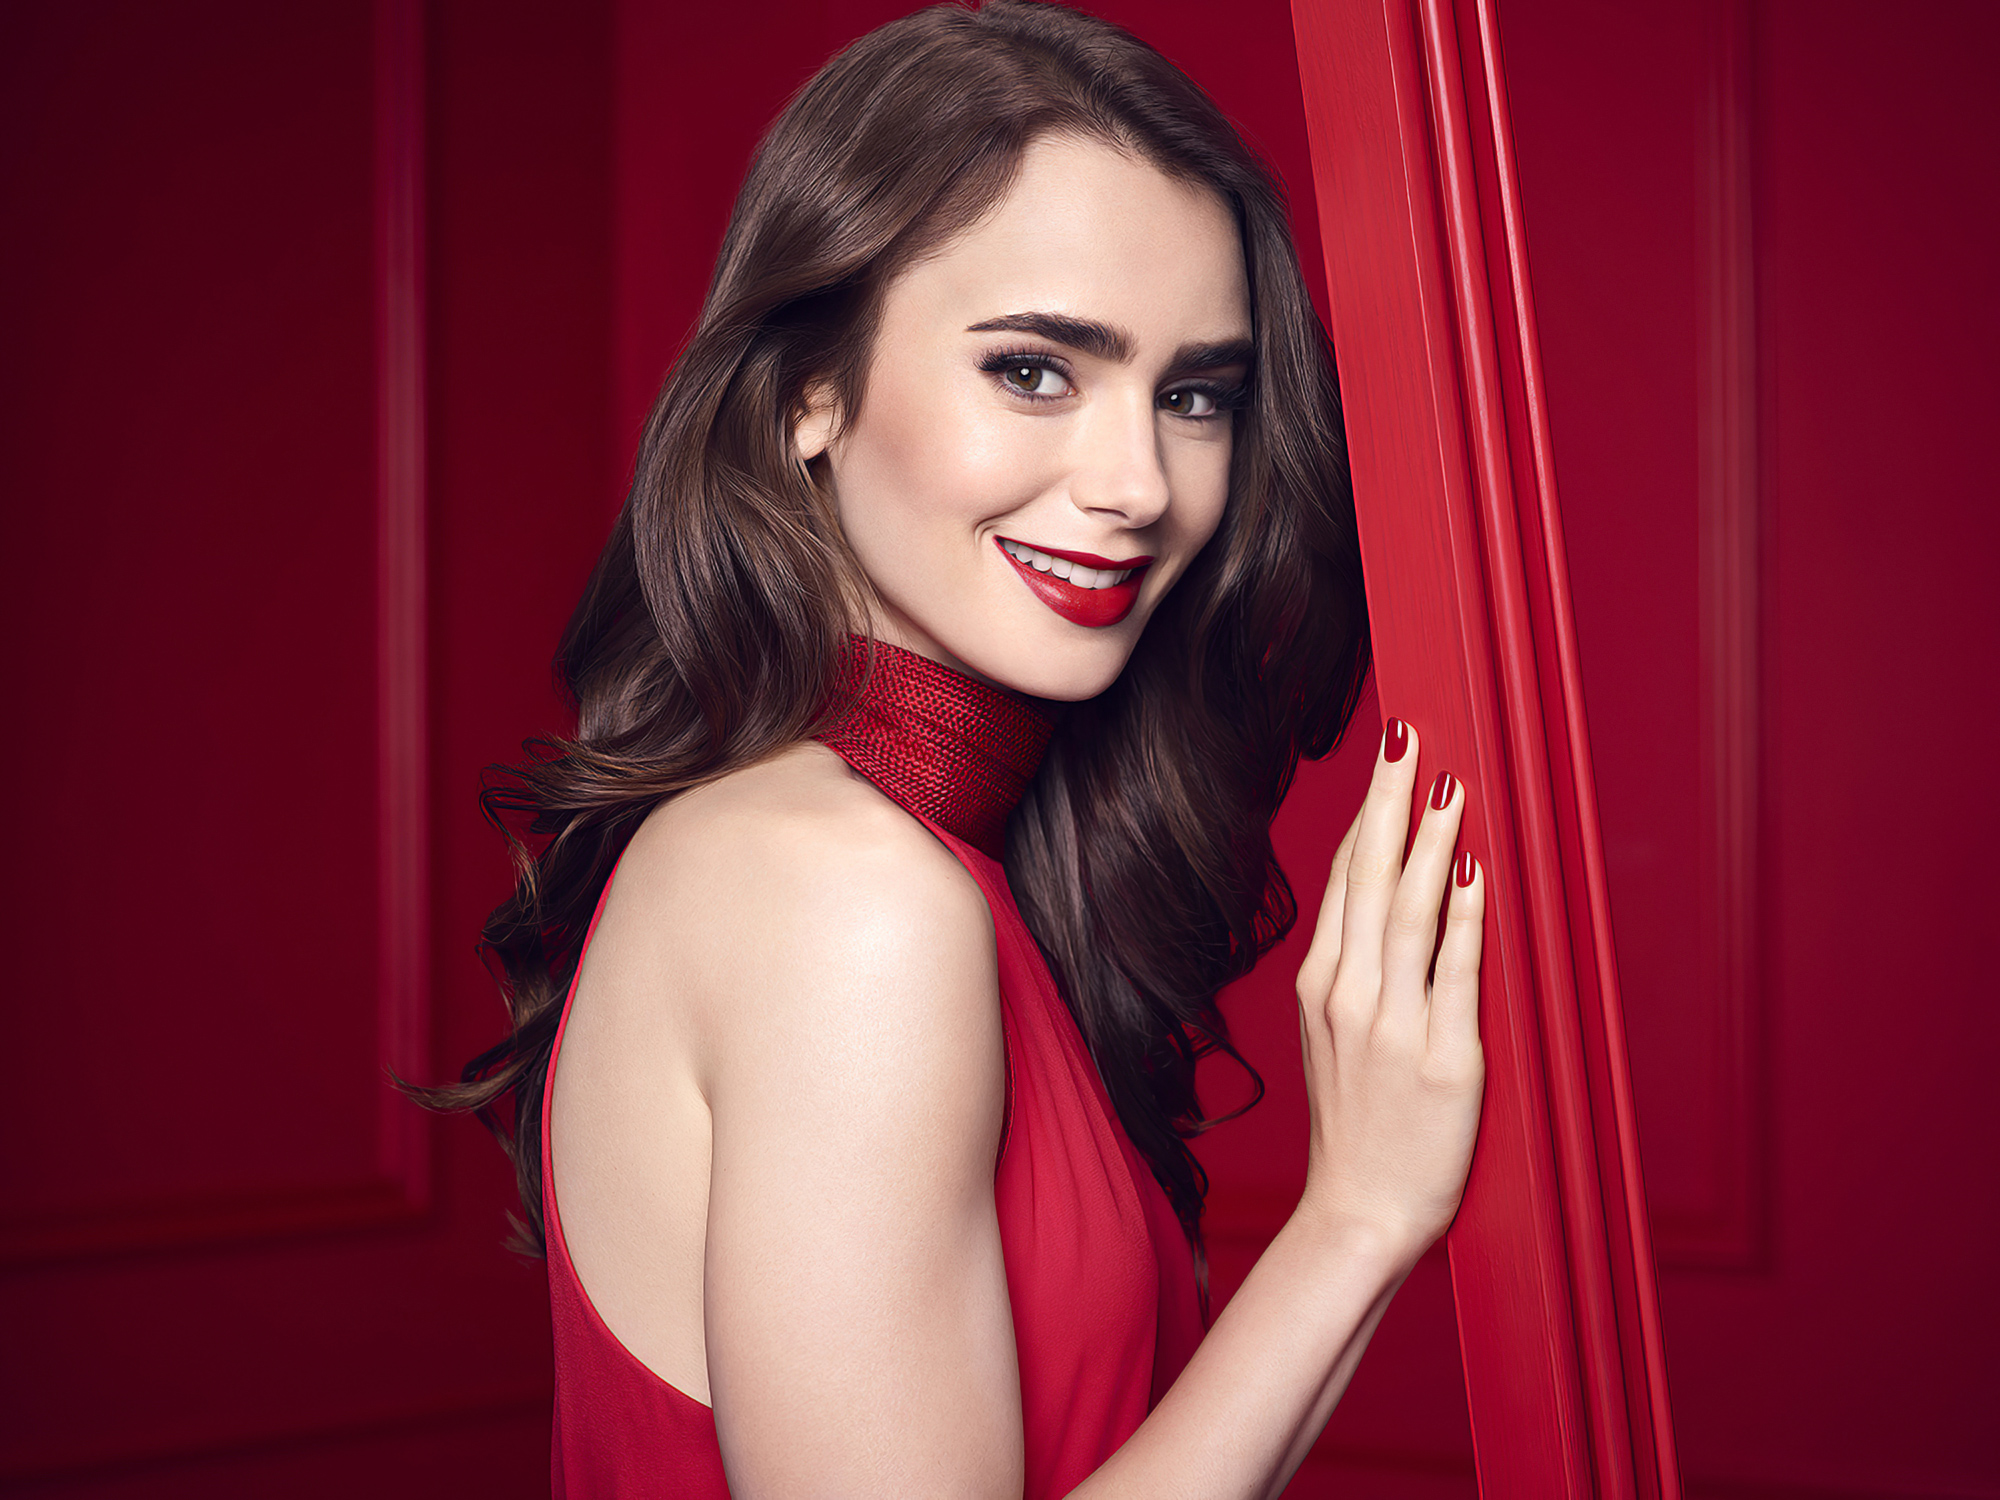 Fondos de pantalla Lily Collins en vestido rojo